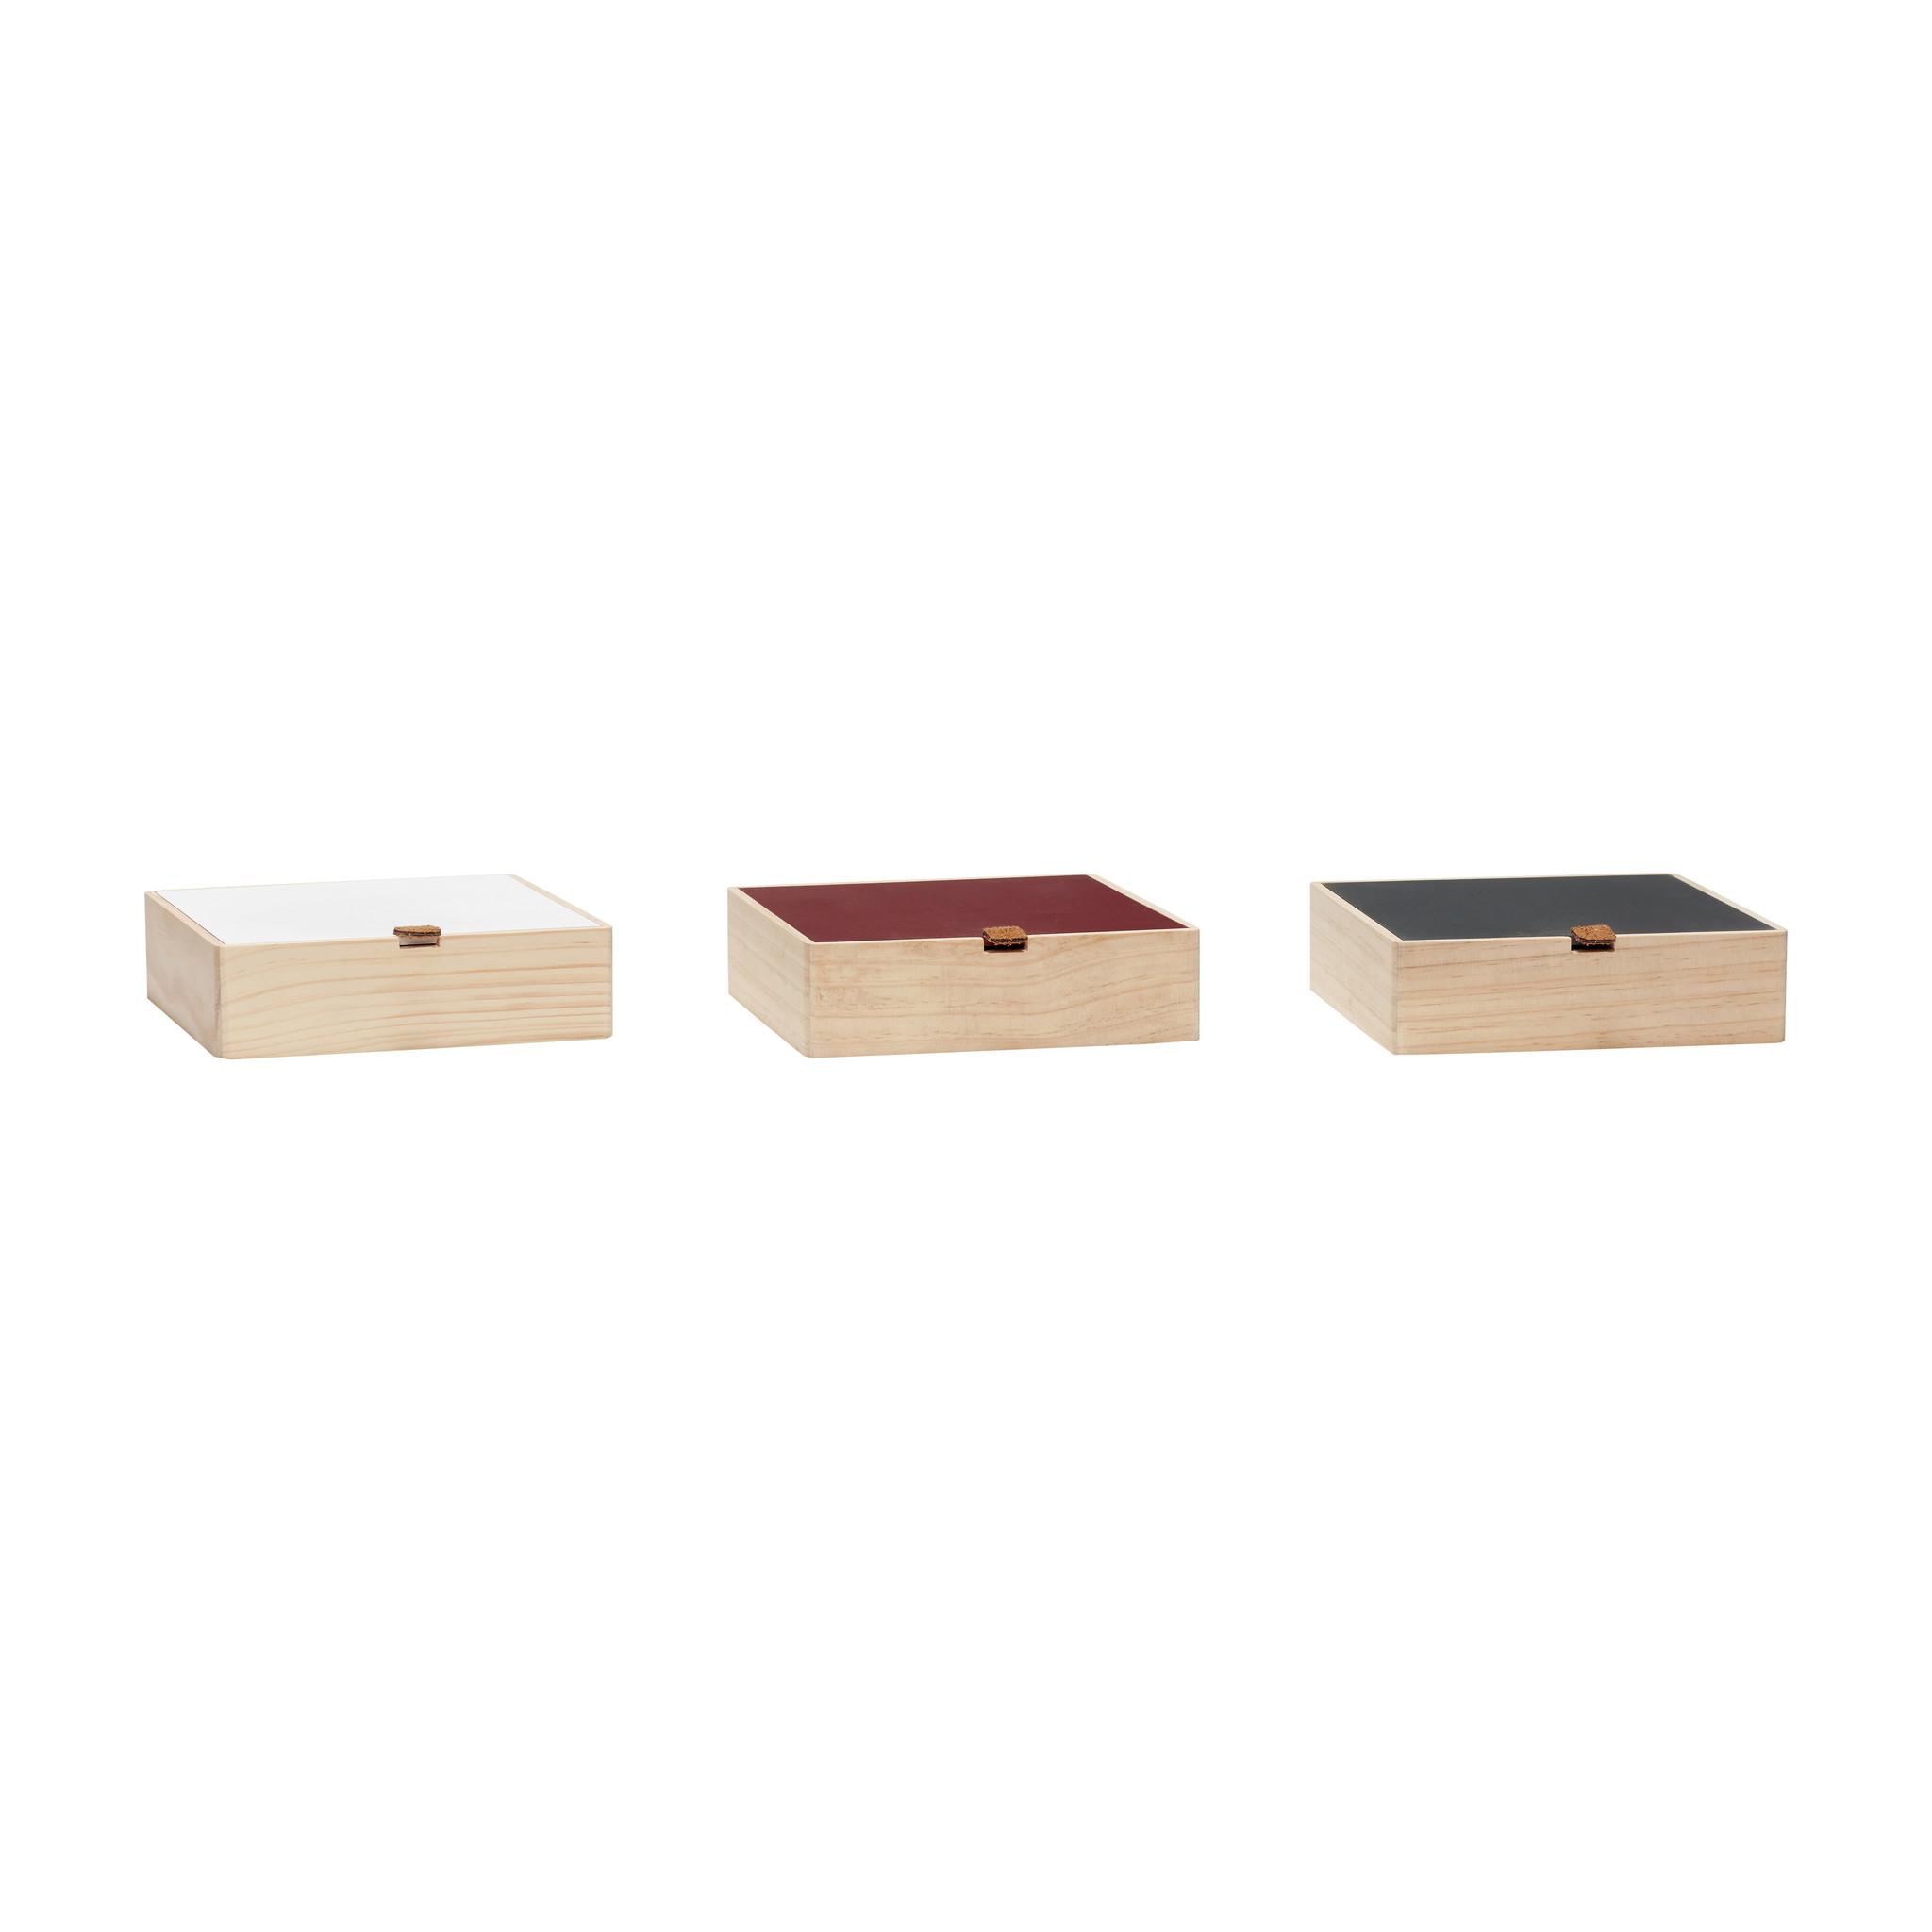 Hubsch Opbergbox met deksel, hout, natuur / wit / groen / rood, set van 3-70402-5712772061237